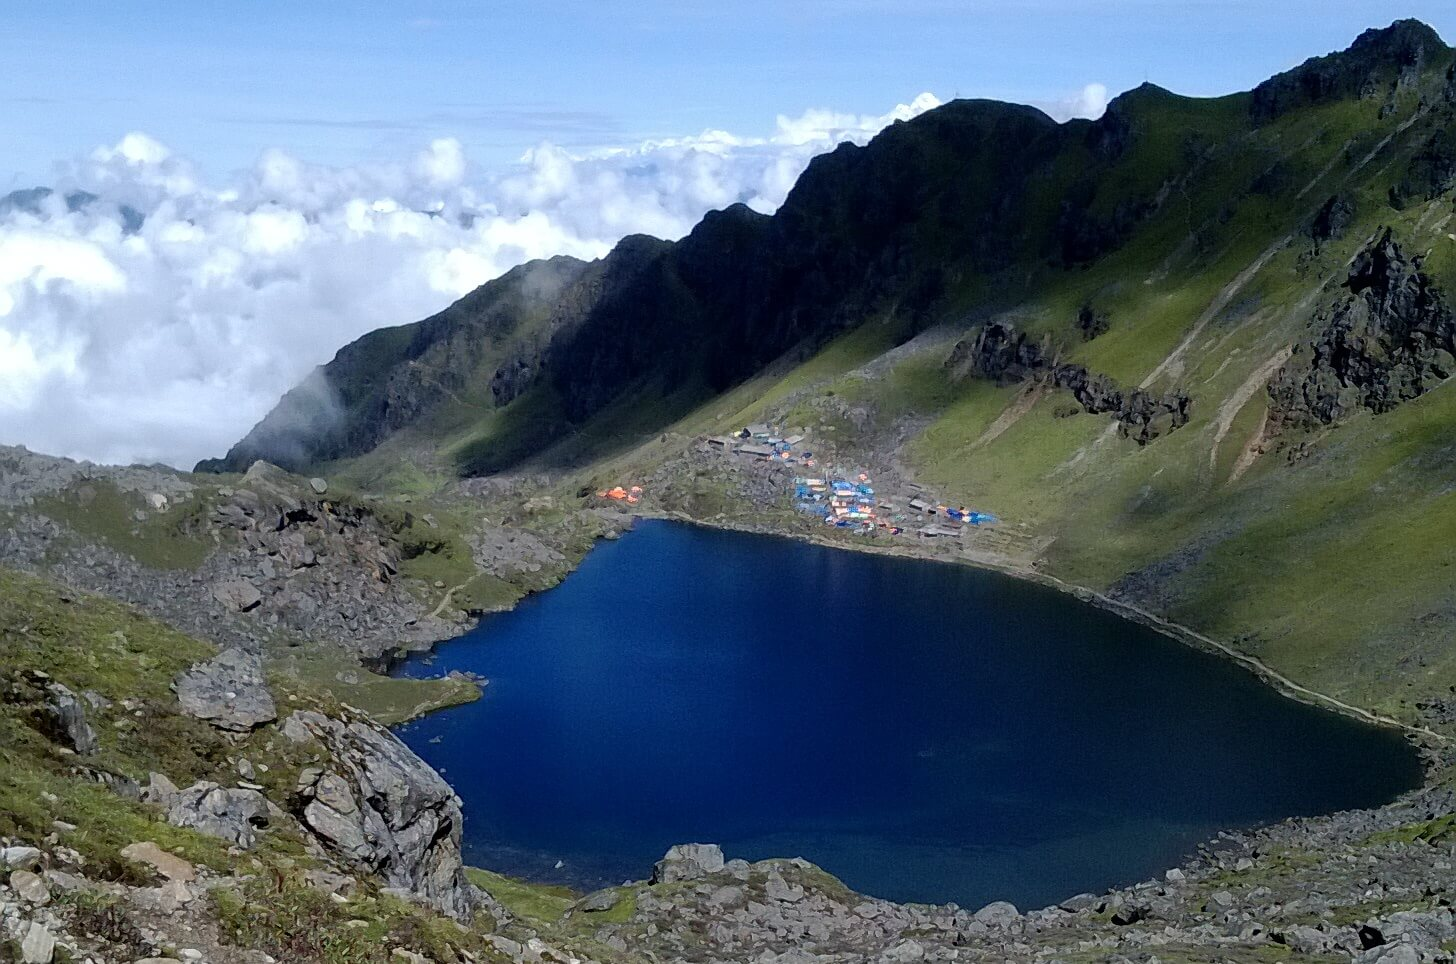 Gosainkunda Lake of Rasuwa